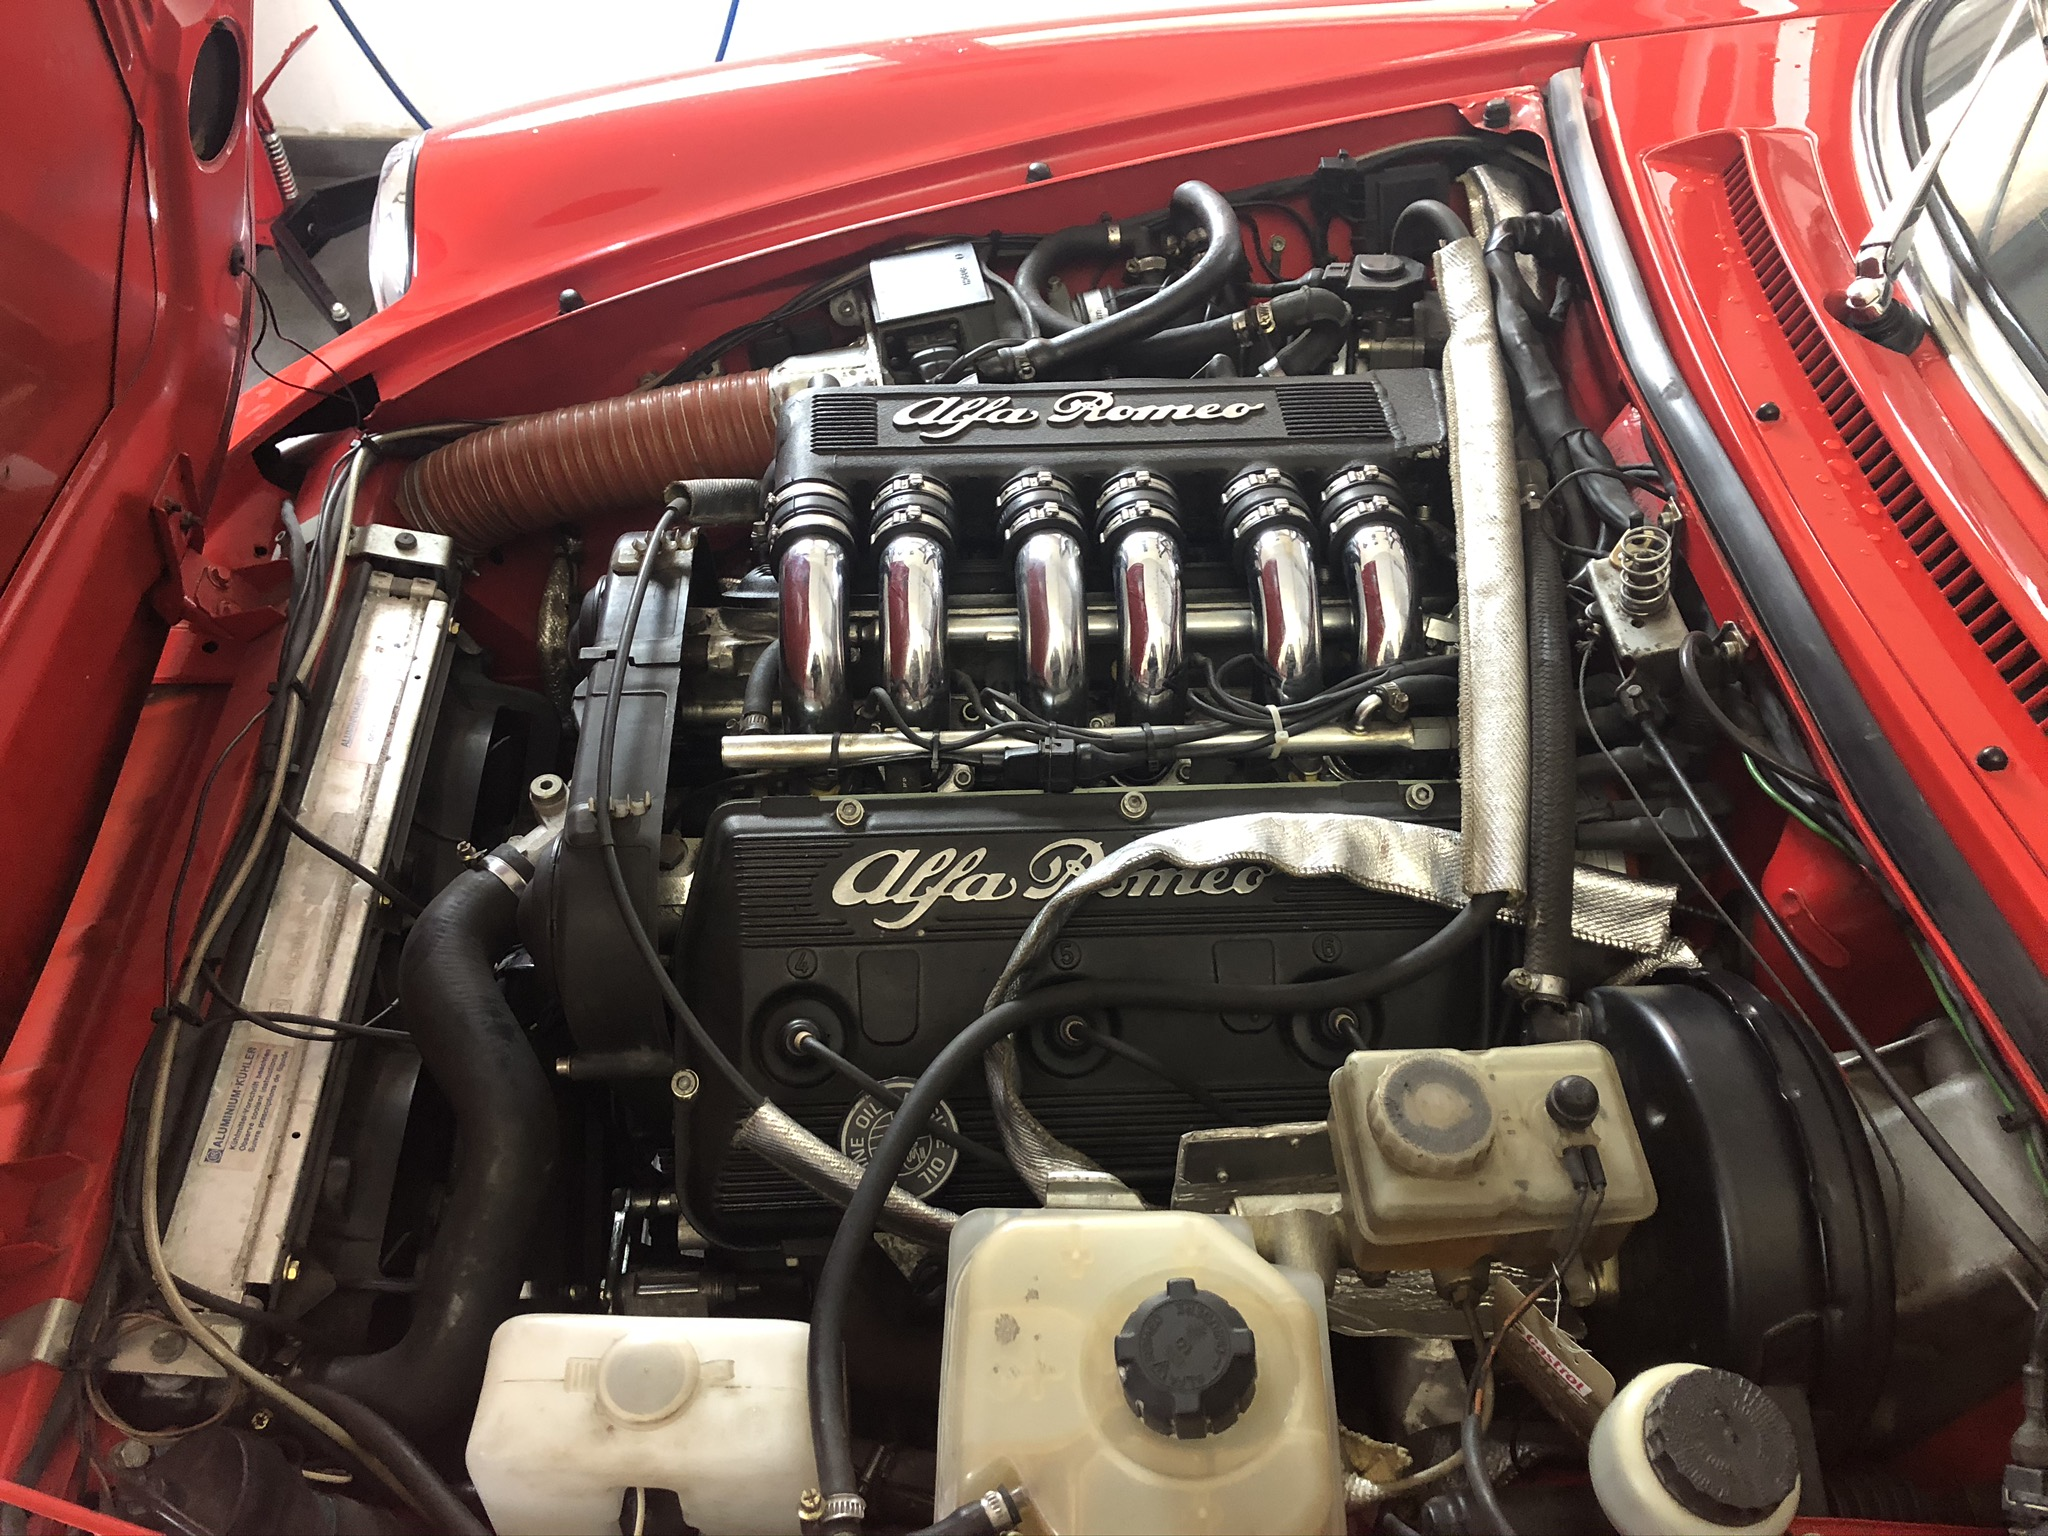 Alfa Romeo Spider Typ 115 mit einem V6 3,0 L Motor